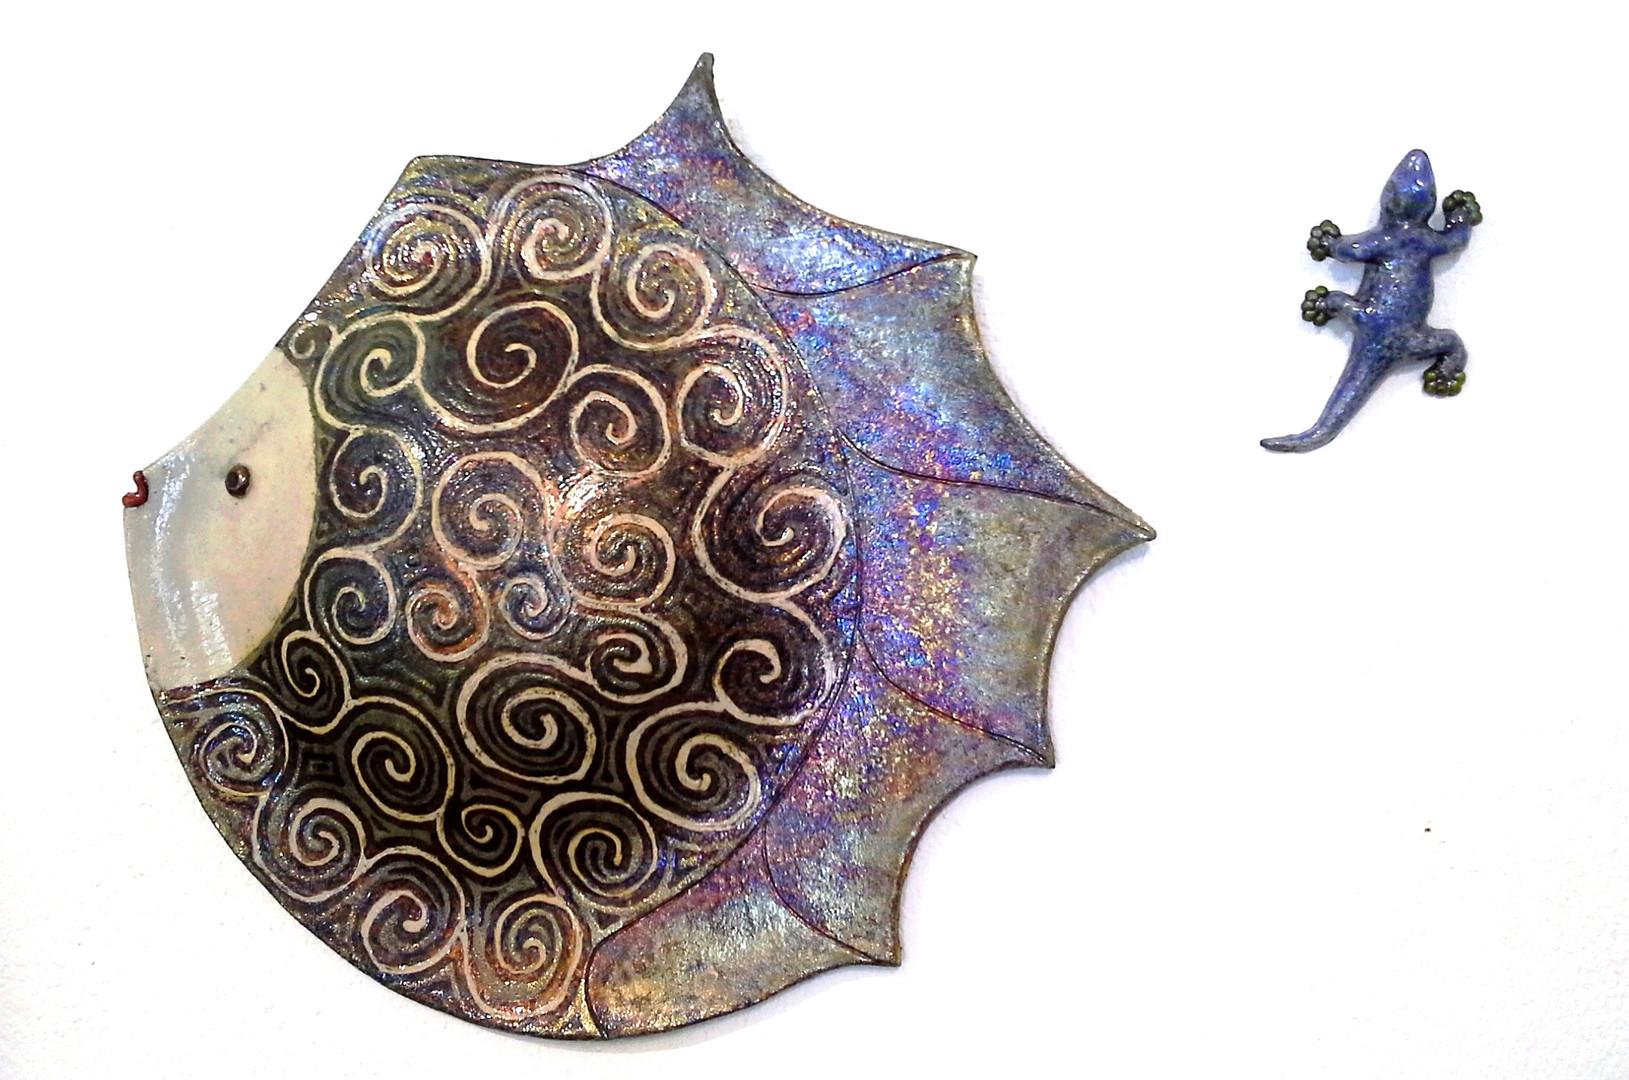 pesce luna maxi cm.50 e geco cm. 16